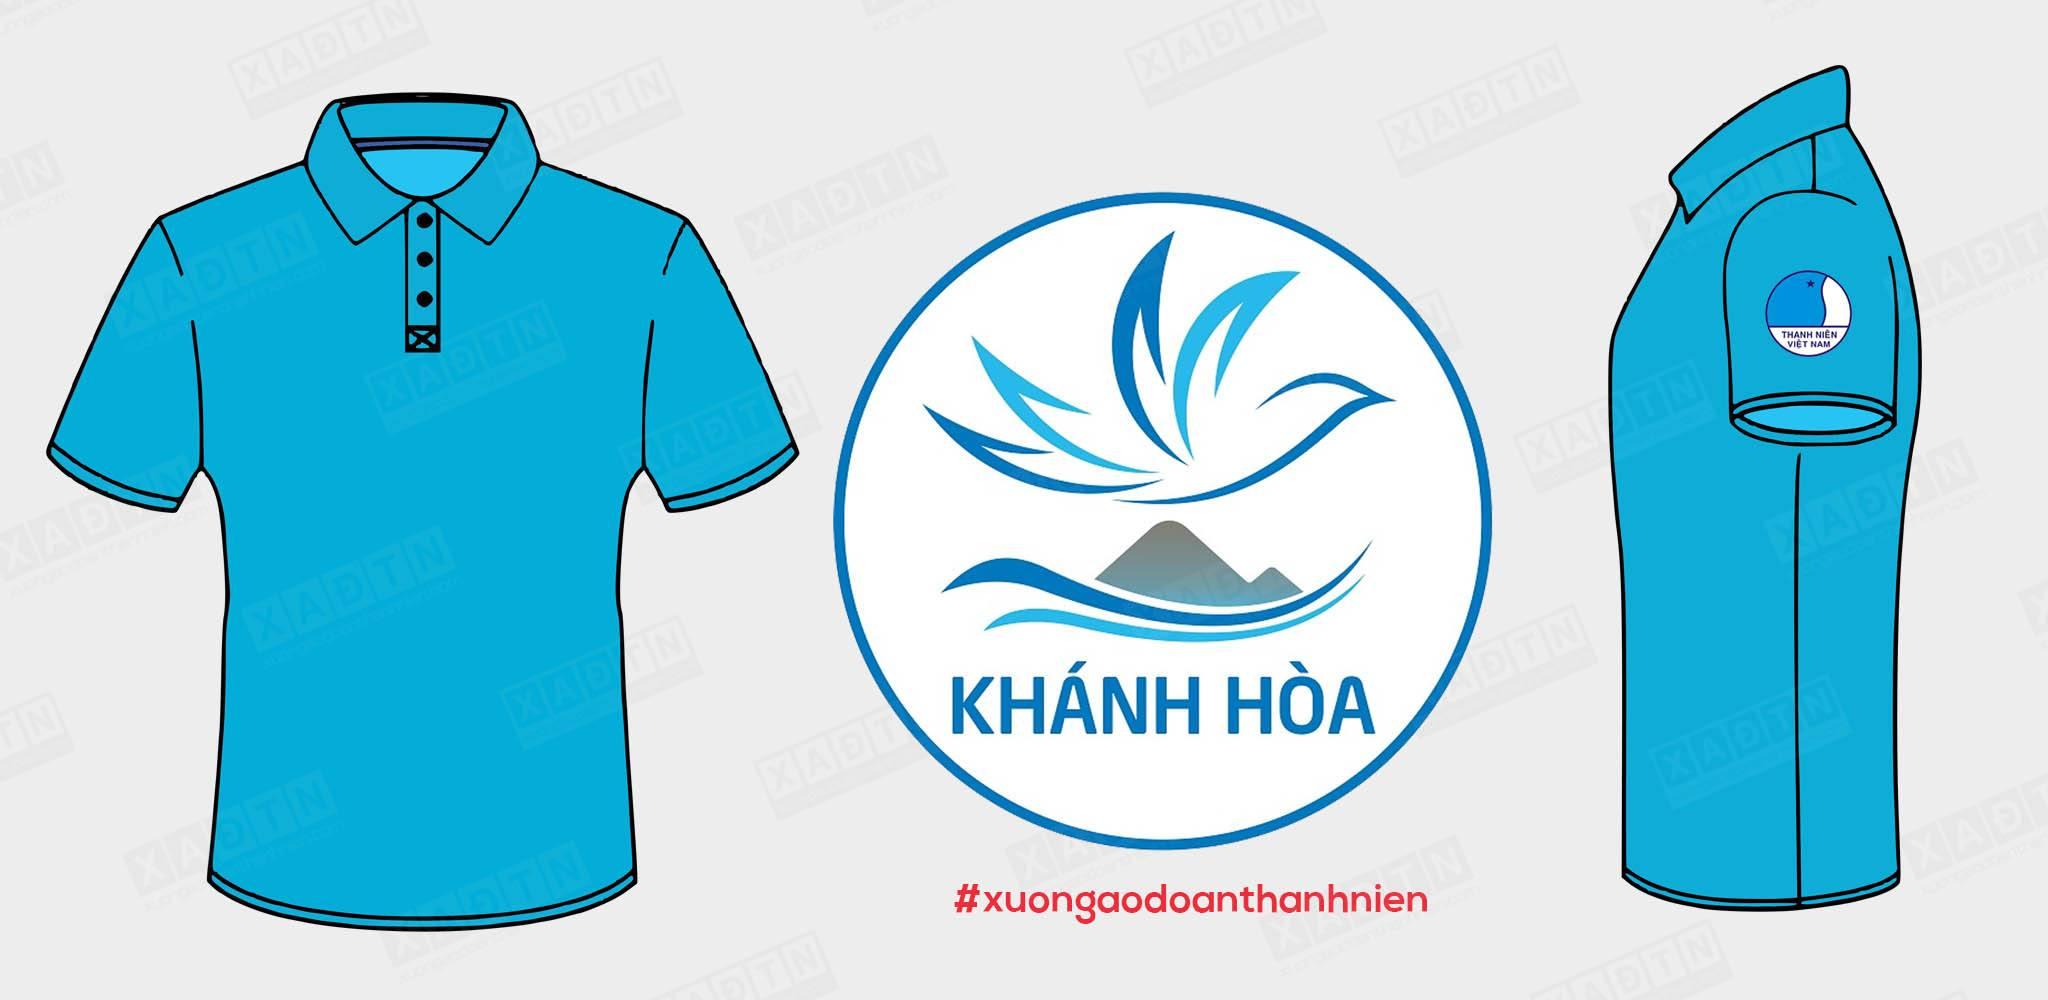 Ao lien hiep Khanh Hoa